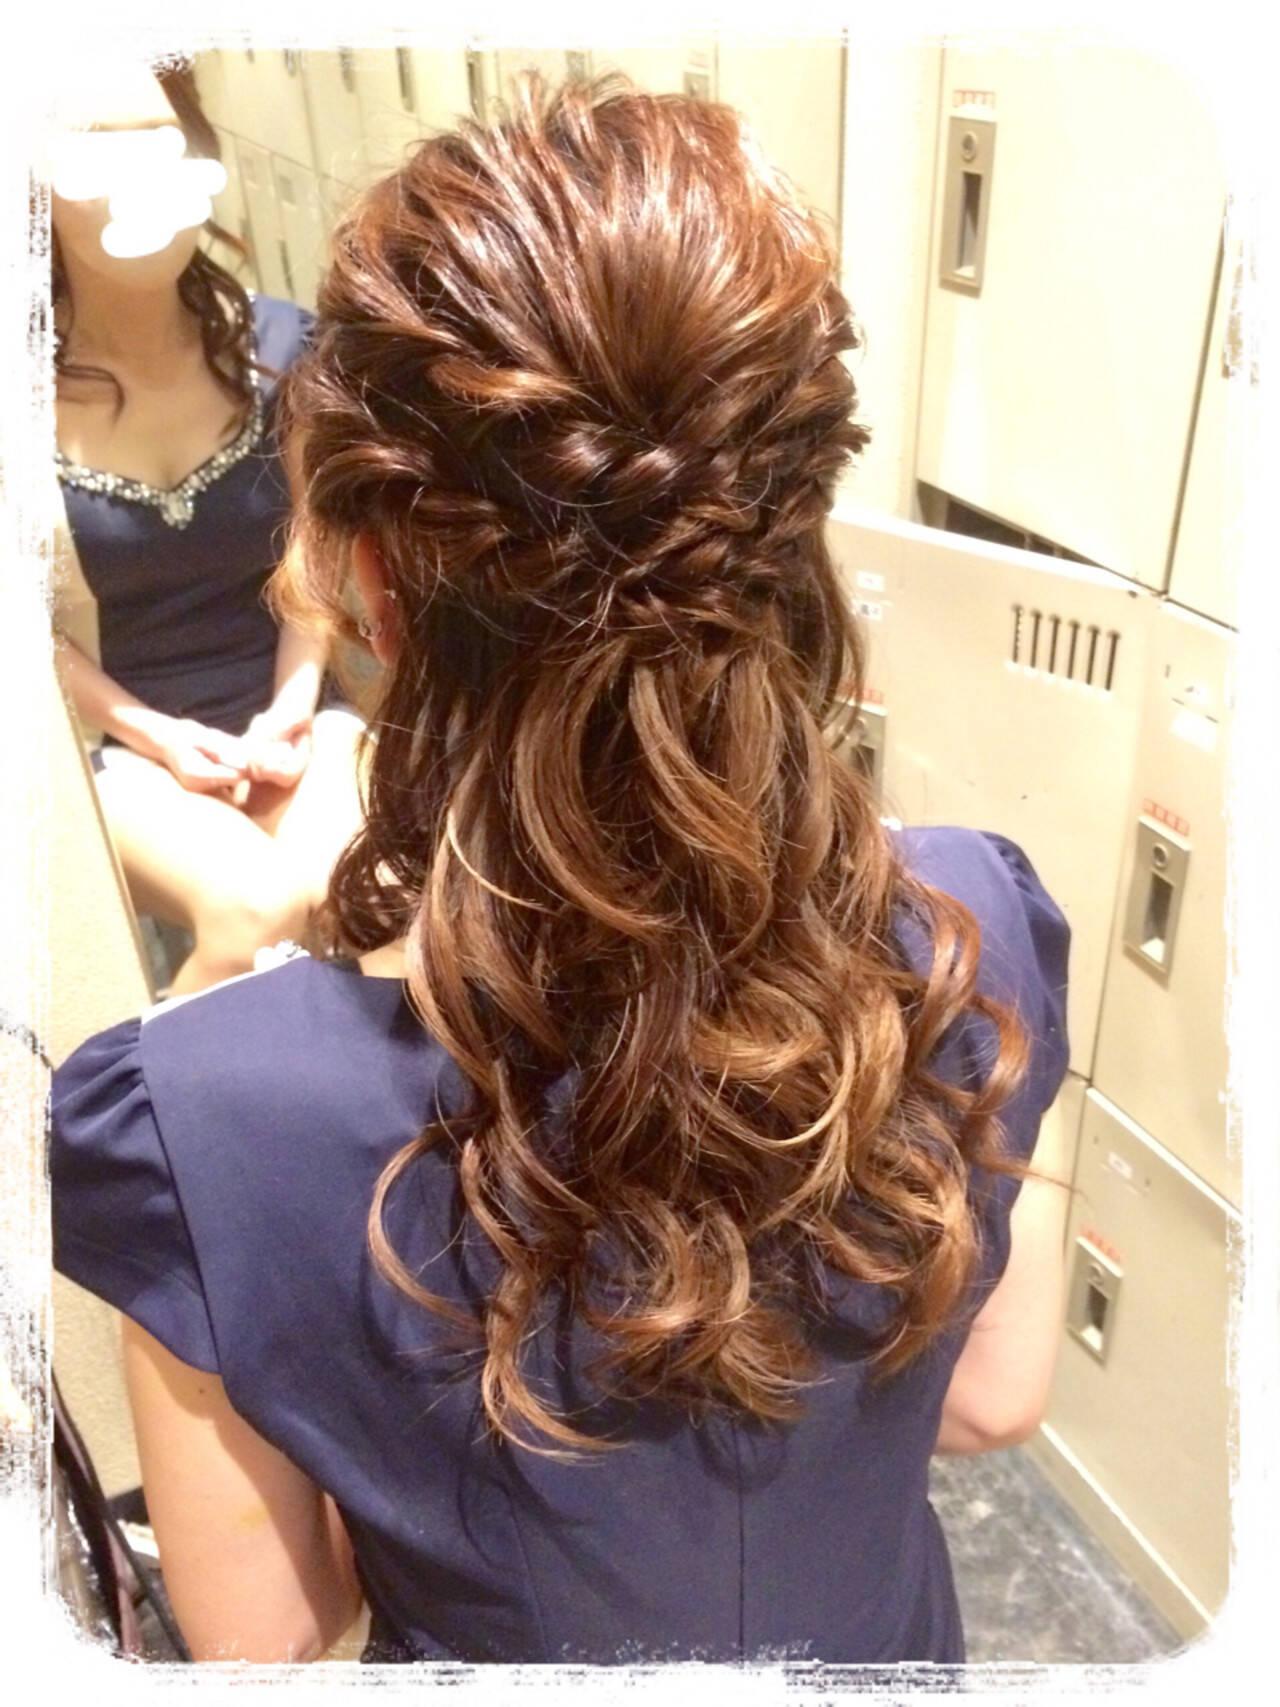 フェミニン ヘアアレンジ ハーフアップ 結婚式ヘアスタイルや髪型の写真・画像